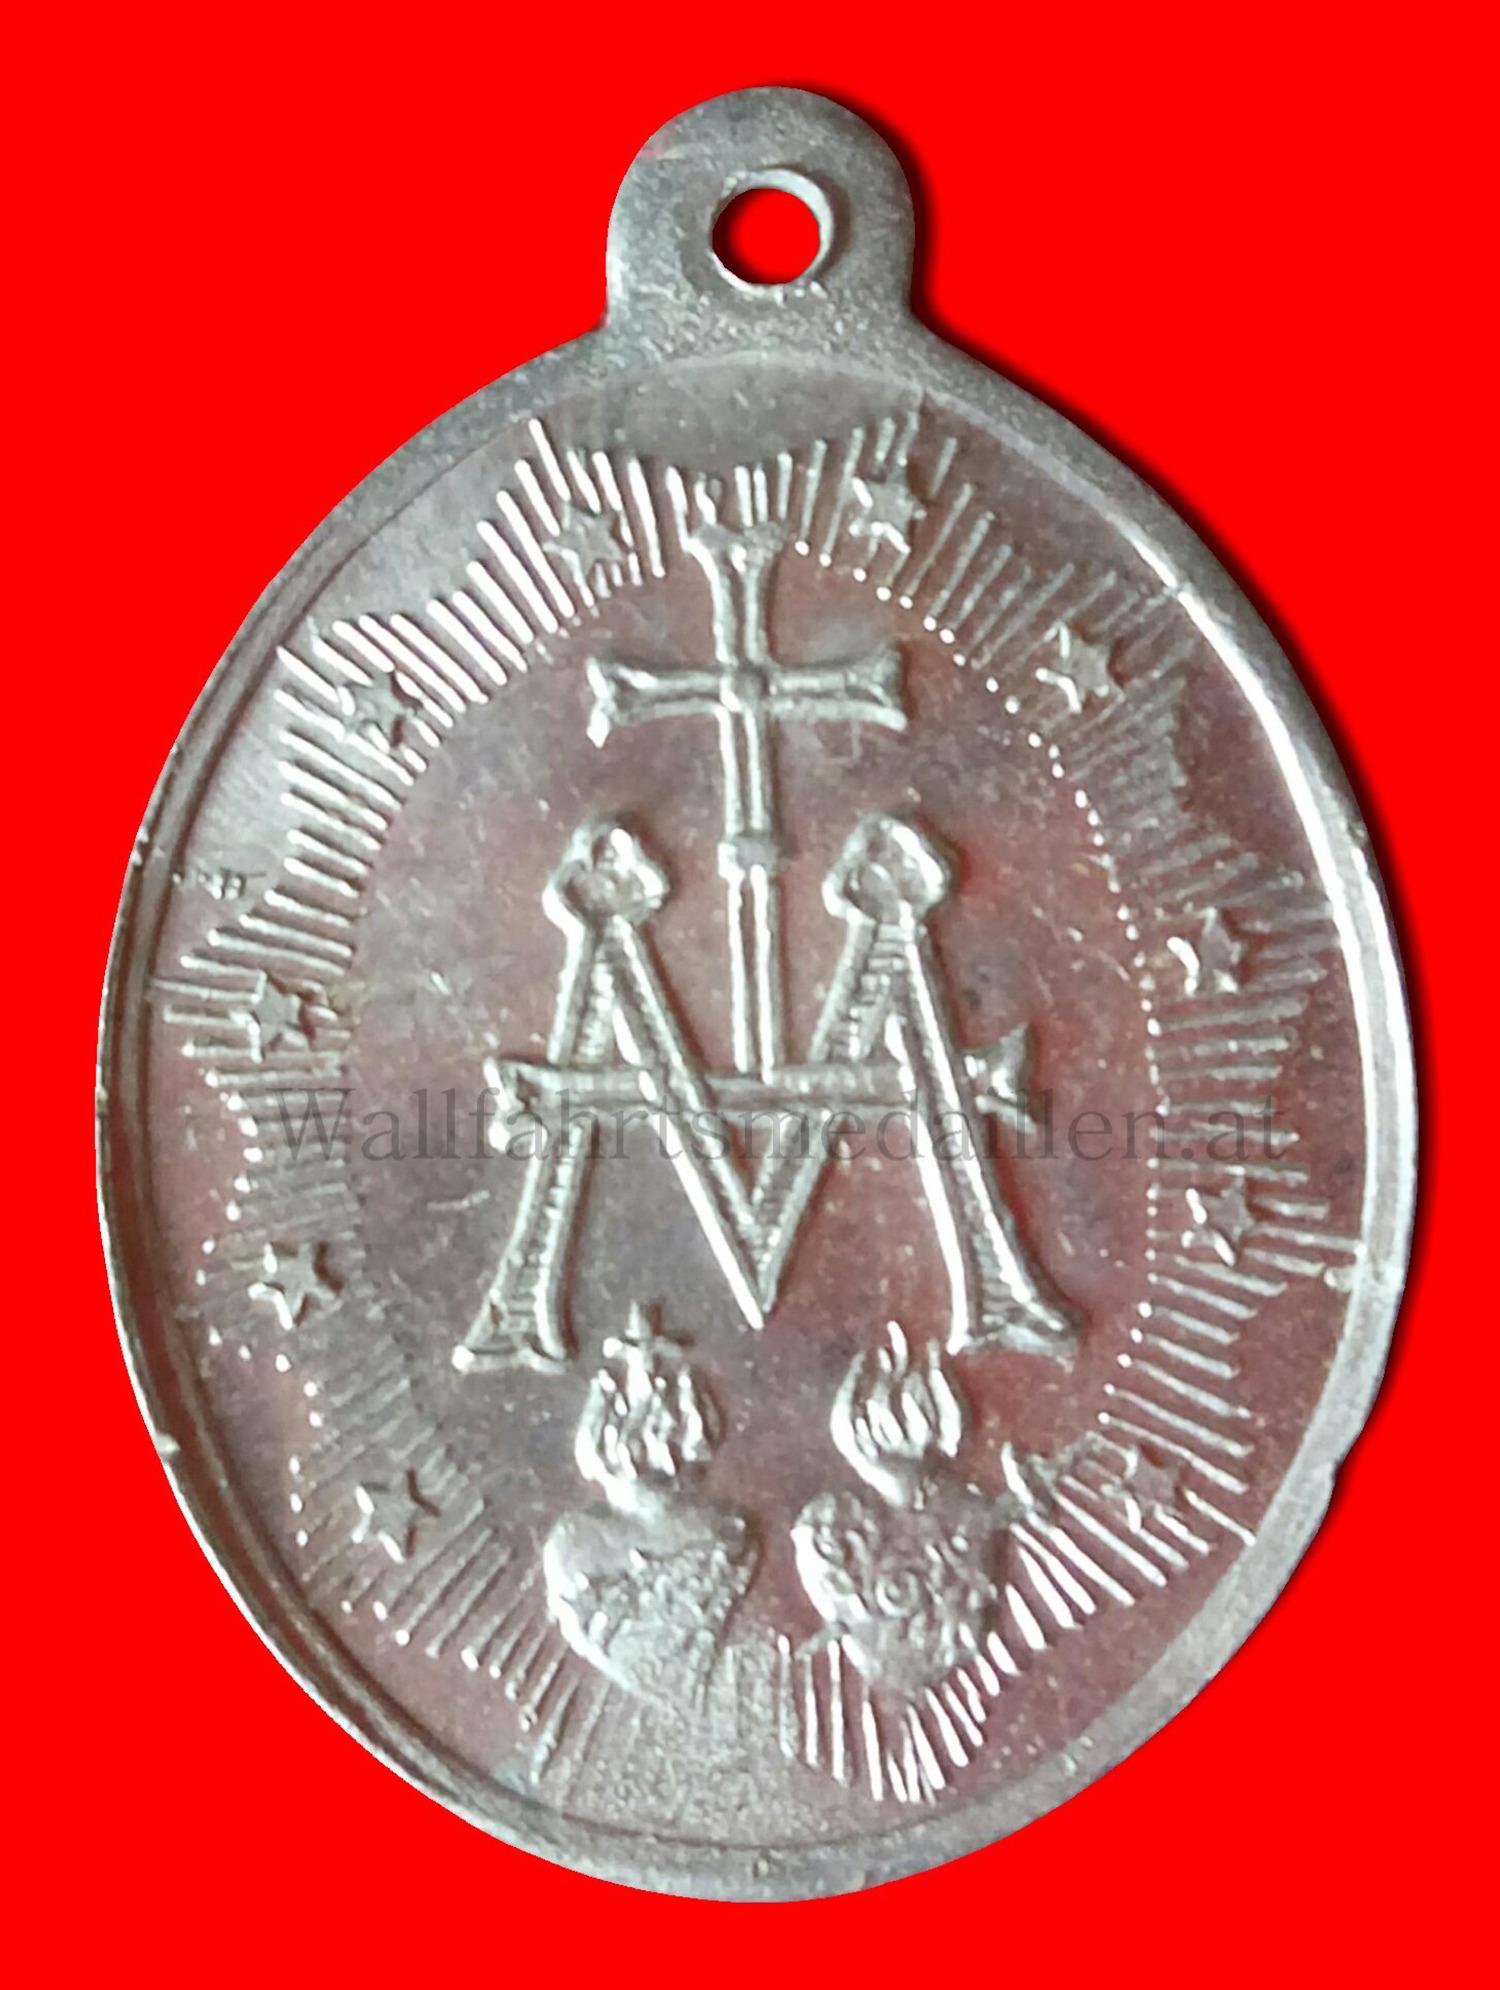 RS der Wuntertätige Medaille